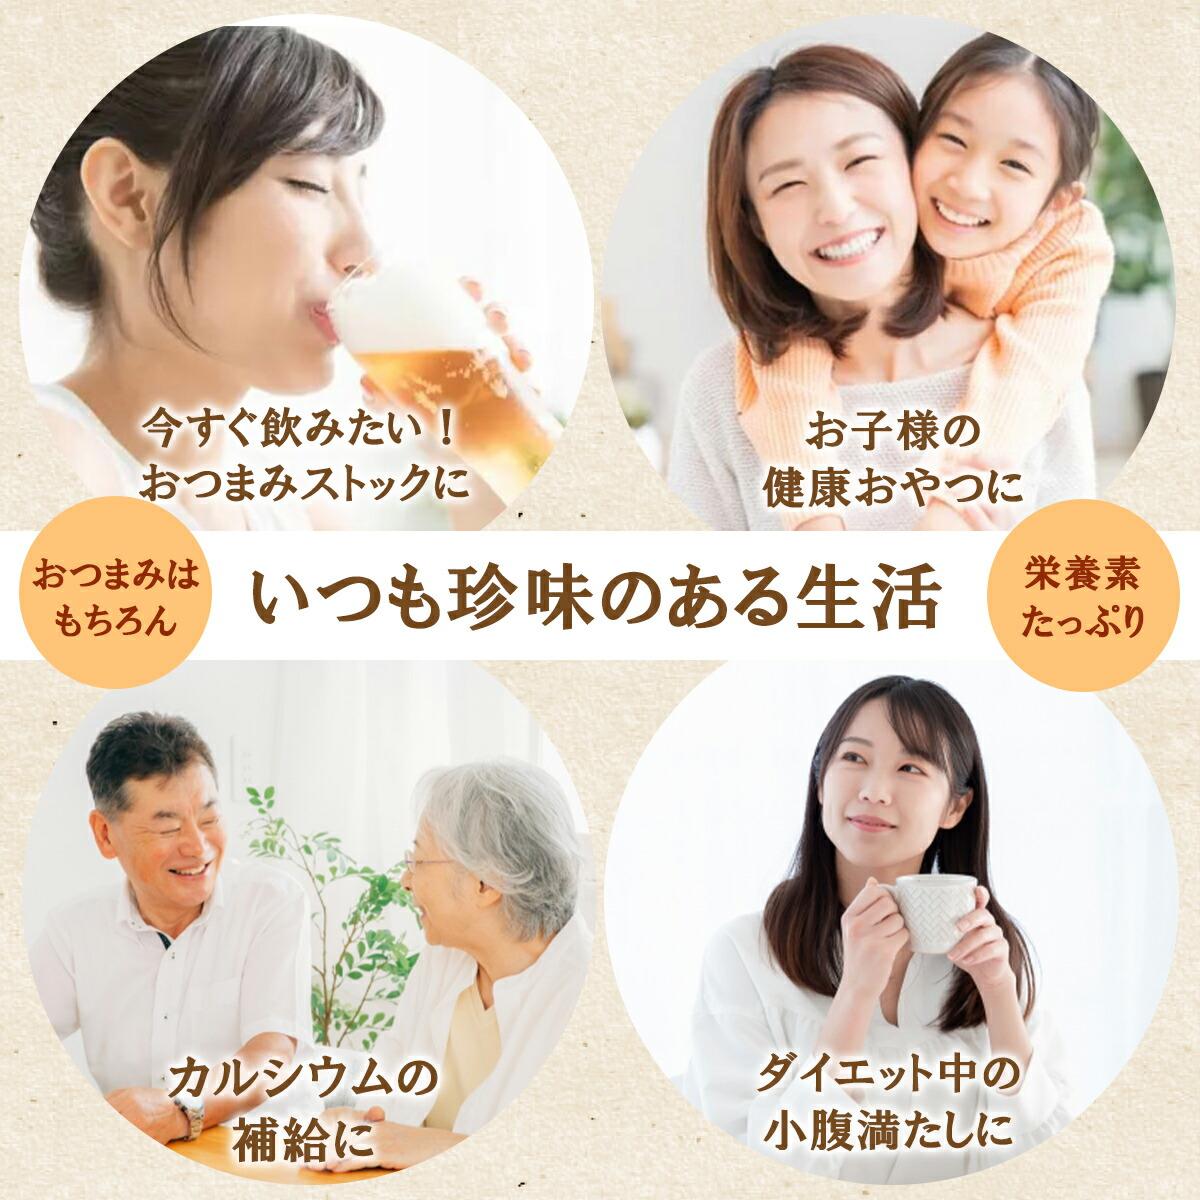 ただいま~ビール冷えてる?